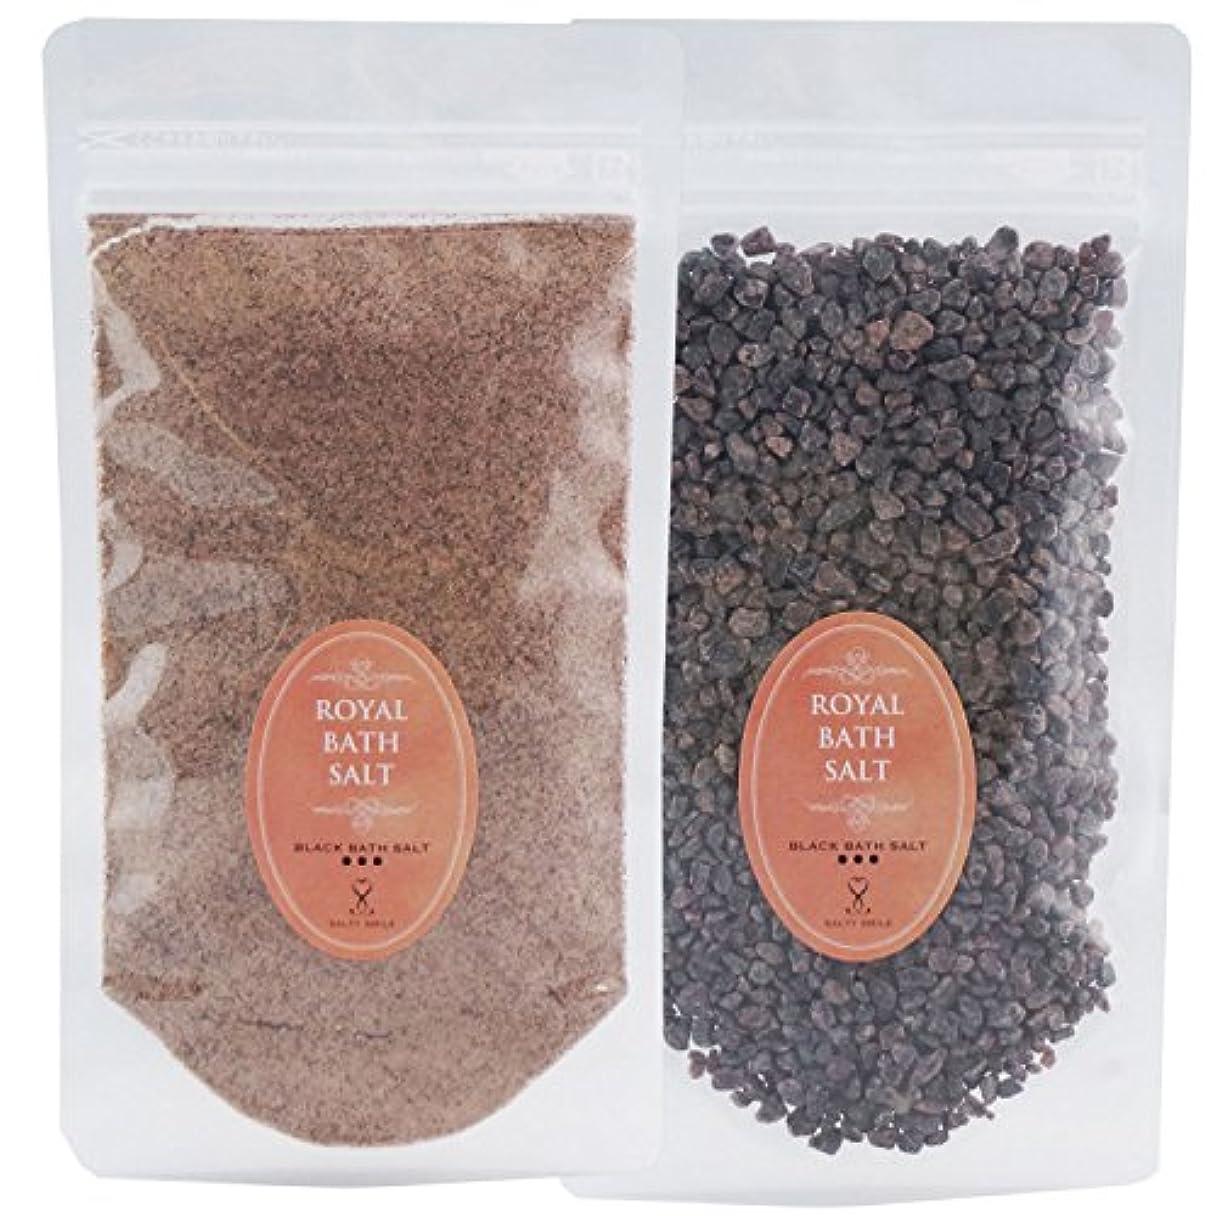 ミス鎖霜ロイヤル バスソルト ヒマラヤ岩塩 ブラック パウダー グレイン 各200g 粗粒 粉 ROYAL BATH SALT